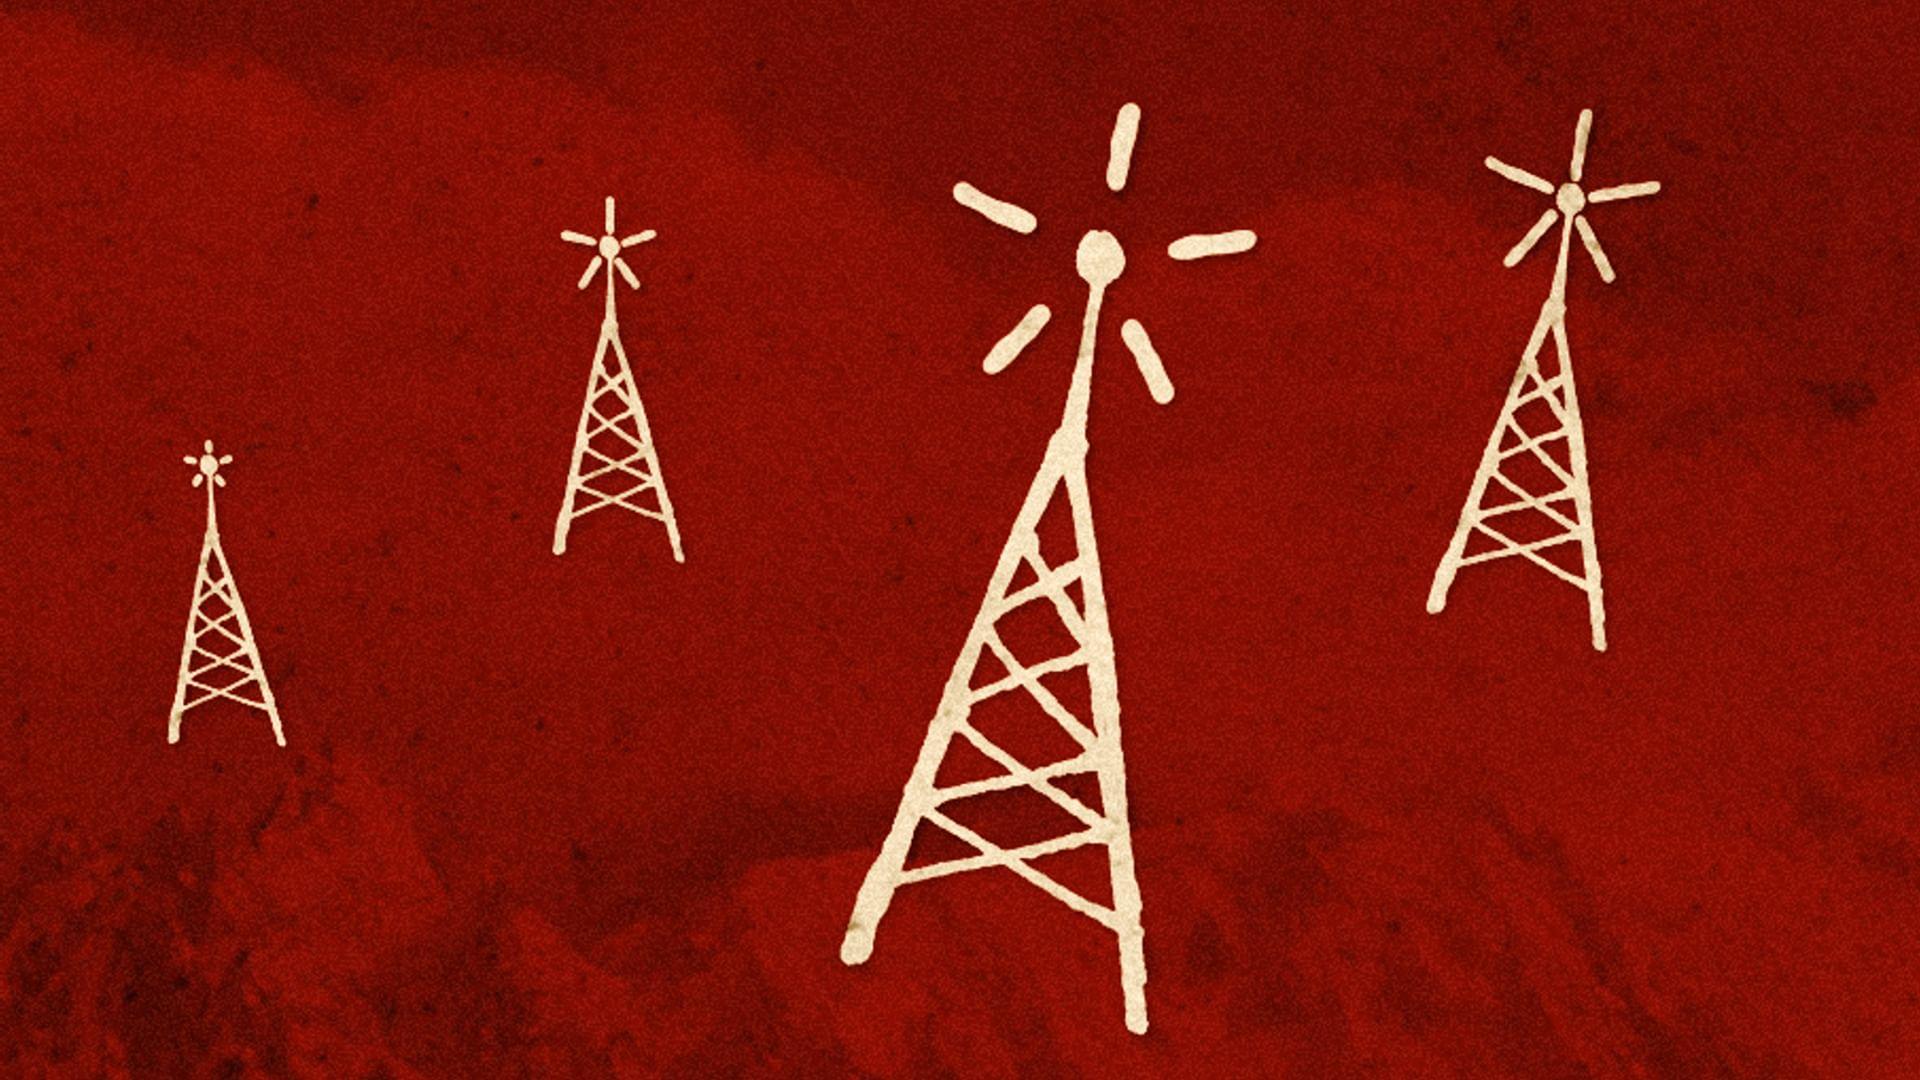 Der öffentliche Rundfunk unter Beschuss